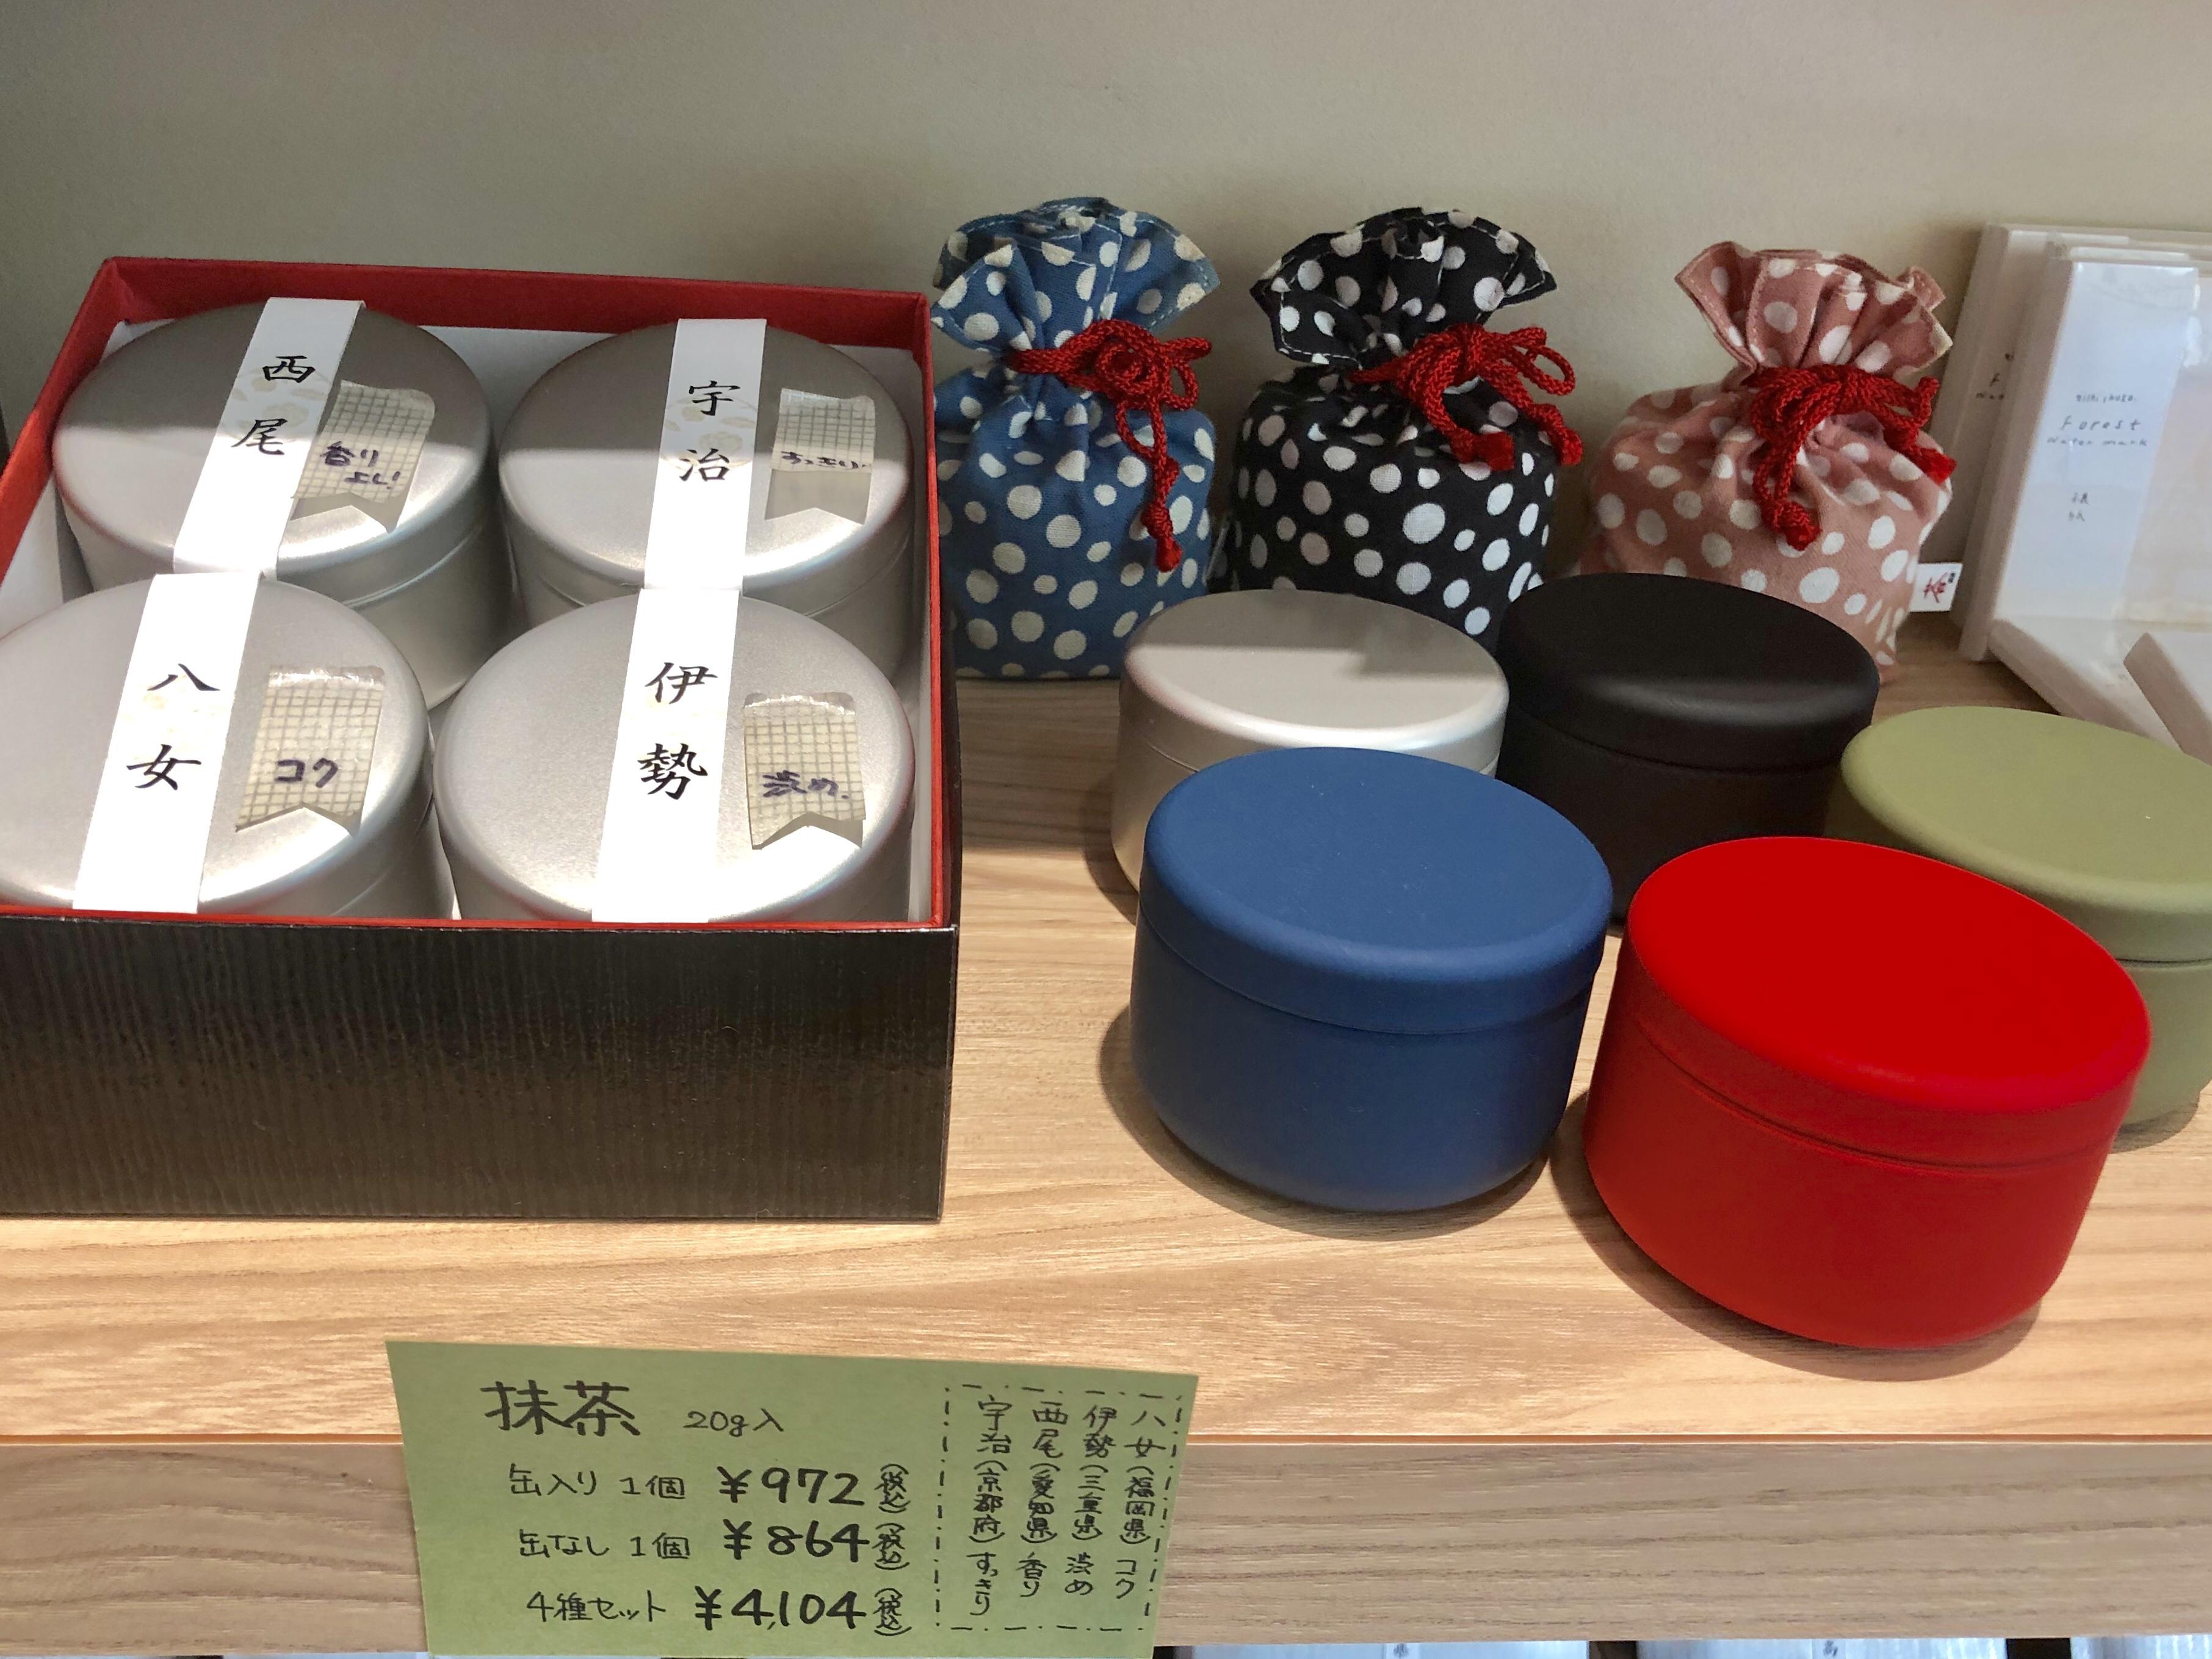 金沢市富樫の茶のみのお茶ギフトの種類